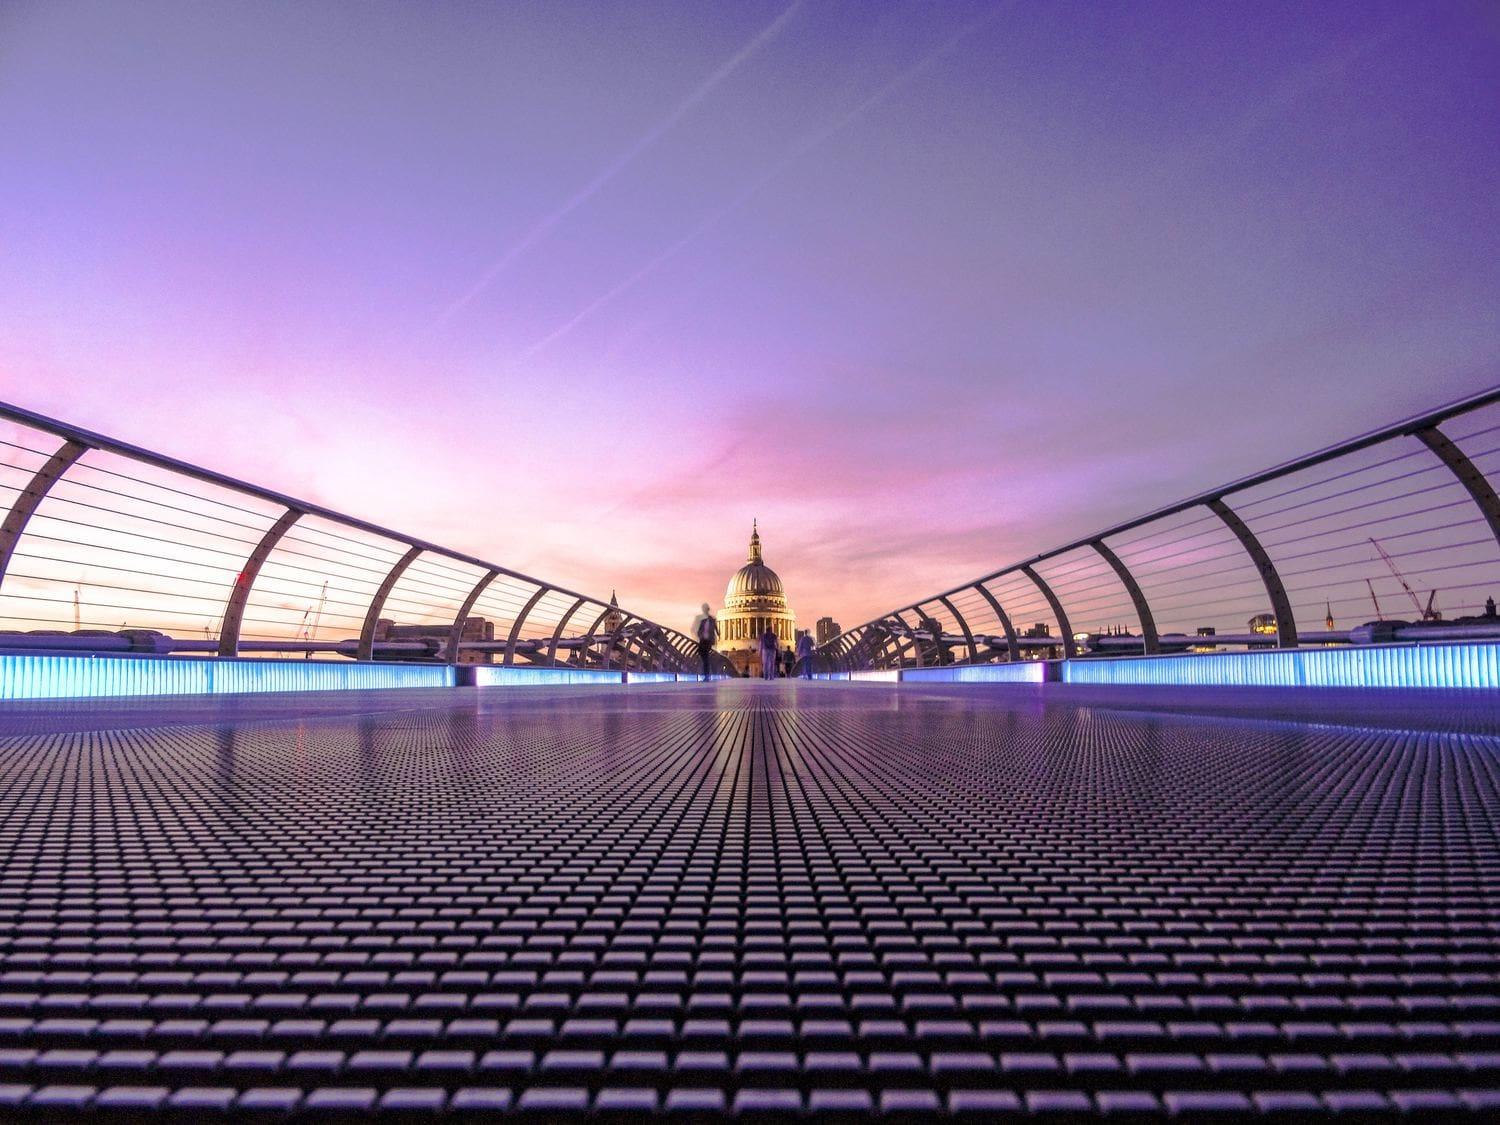 fotografía arquitectura millenium bridge